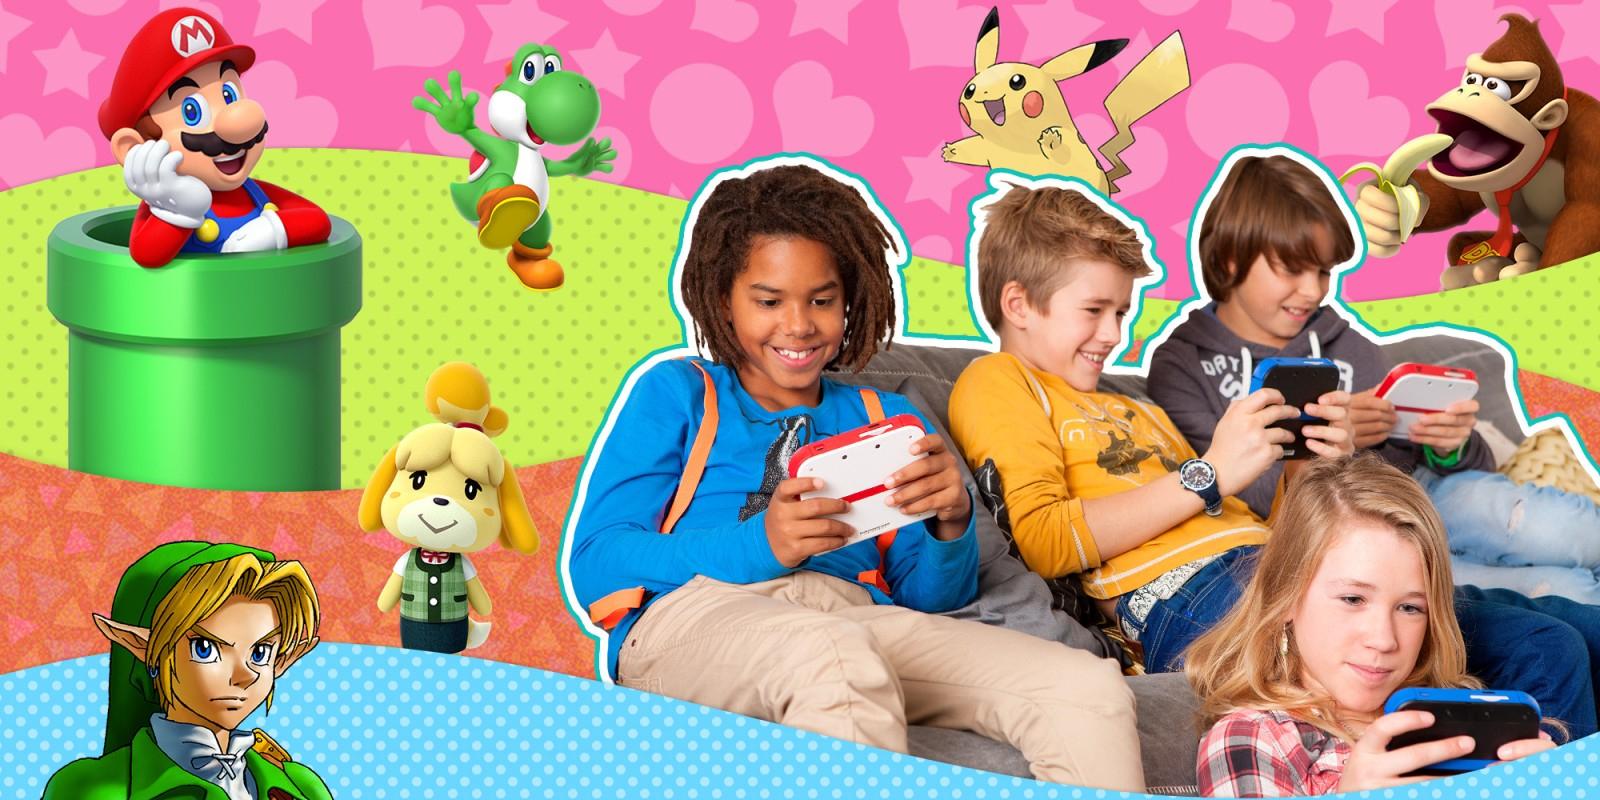 Jeux Nintendo Pour Les Enfants   Nintendo concernant Jeux 5 Ans Gratuit